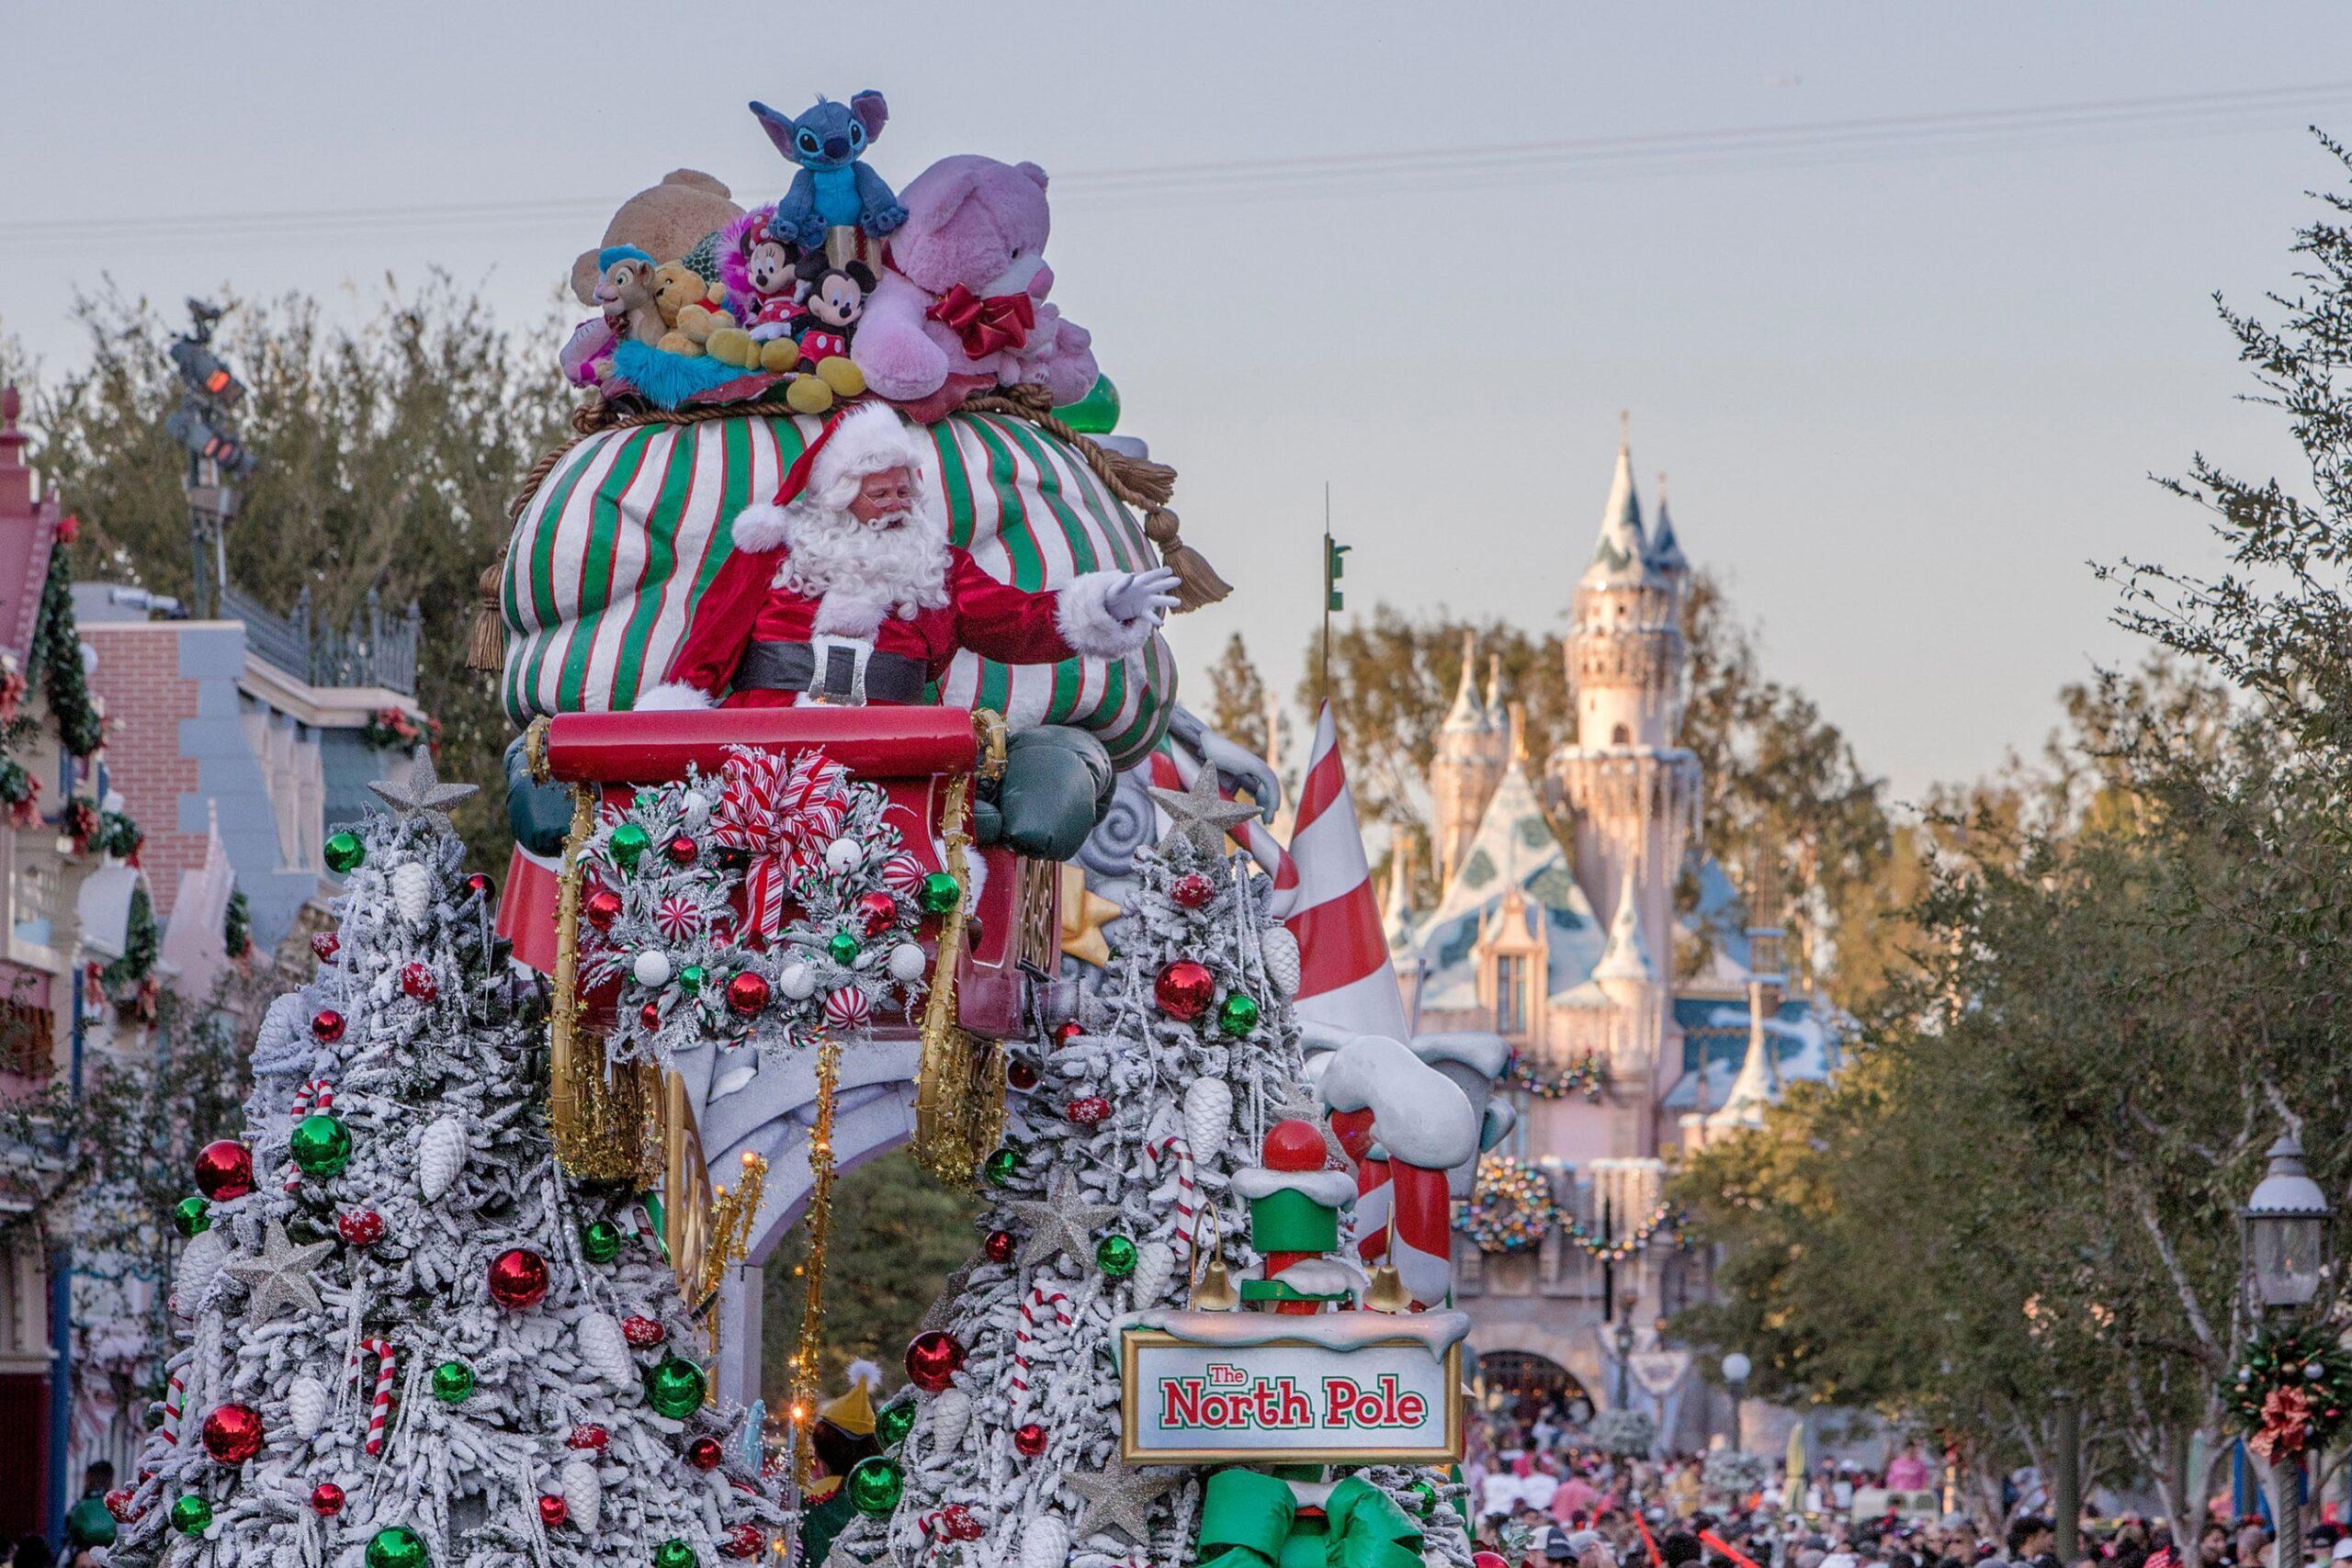 🧡與心愛的人一起在迪士尼樂園度假區慶祝節假日